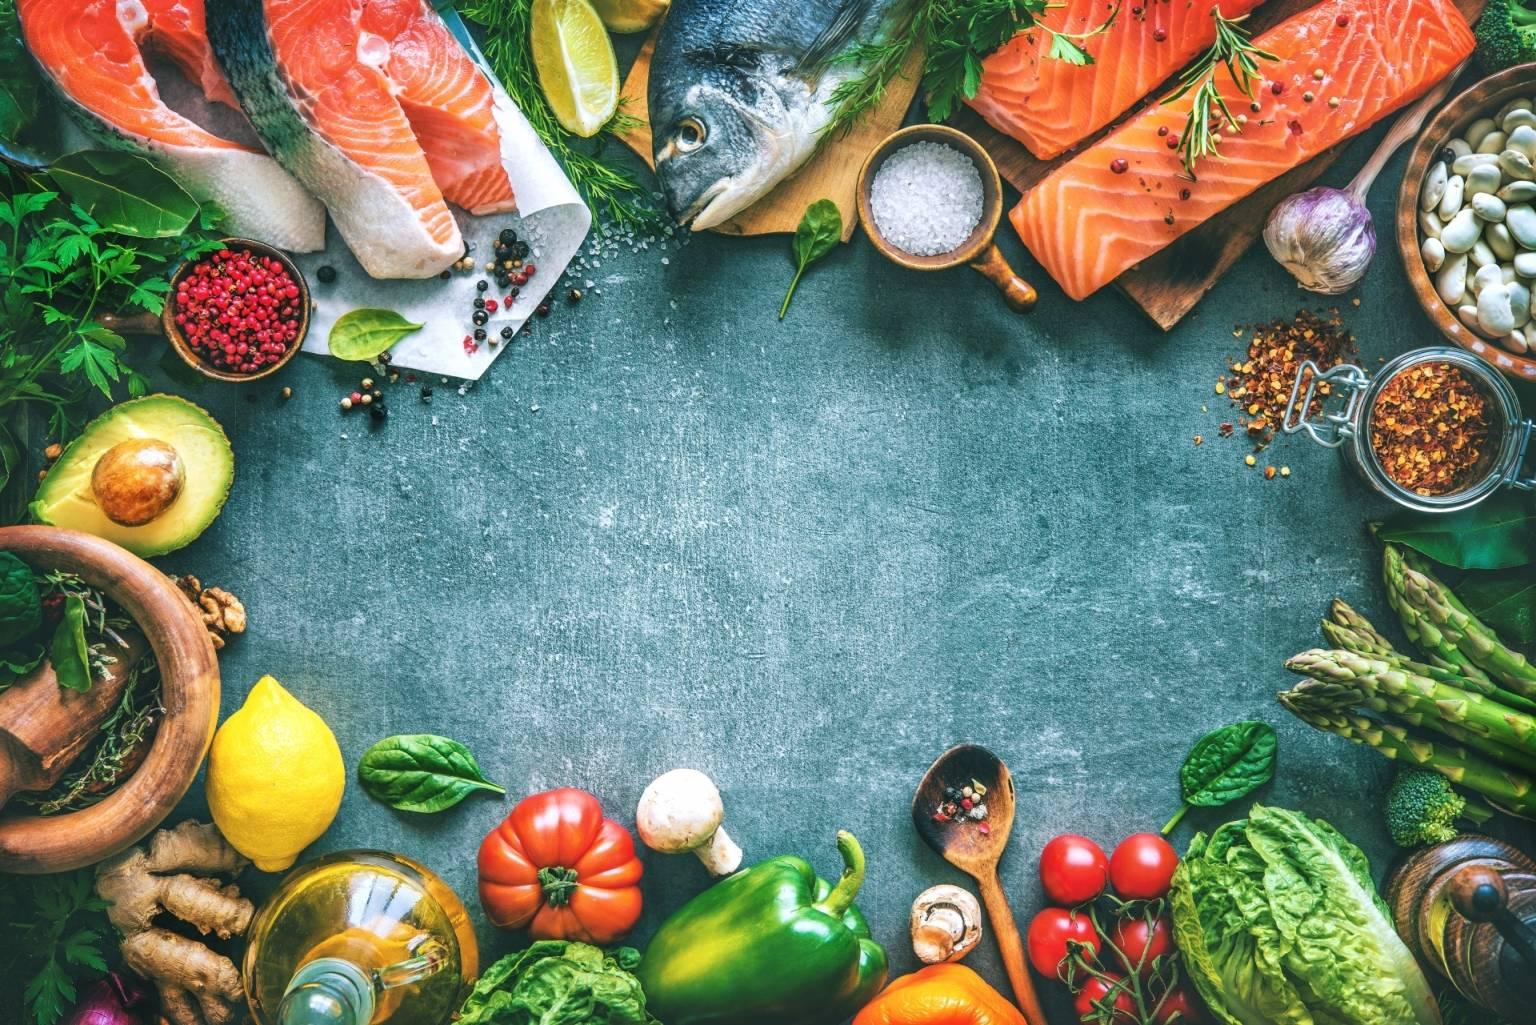 Cukrzyca typu 2 - jak ją leczyć? Na szarym tle poukładane są w kółku produkty żywnościowe: ryby, warzywa, owoce, nasiona i przyprawy.